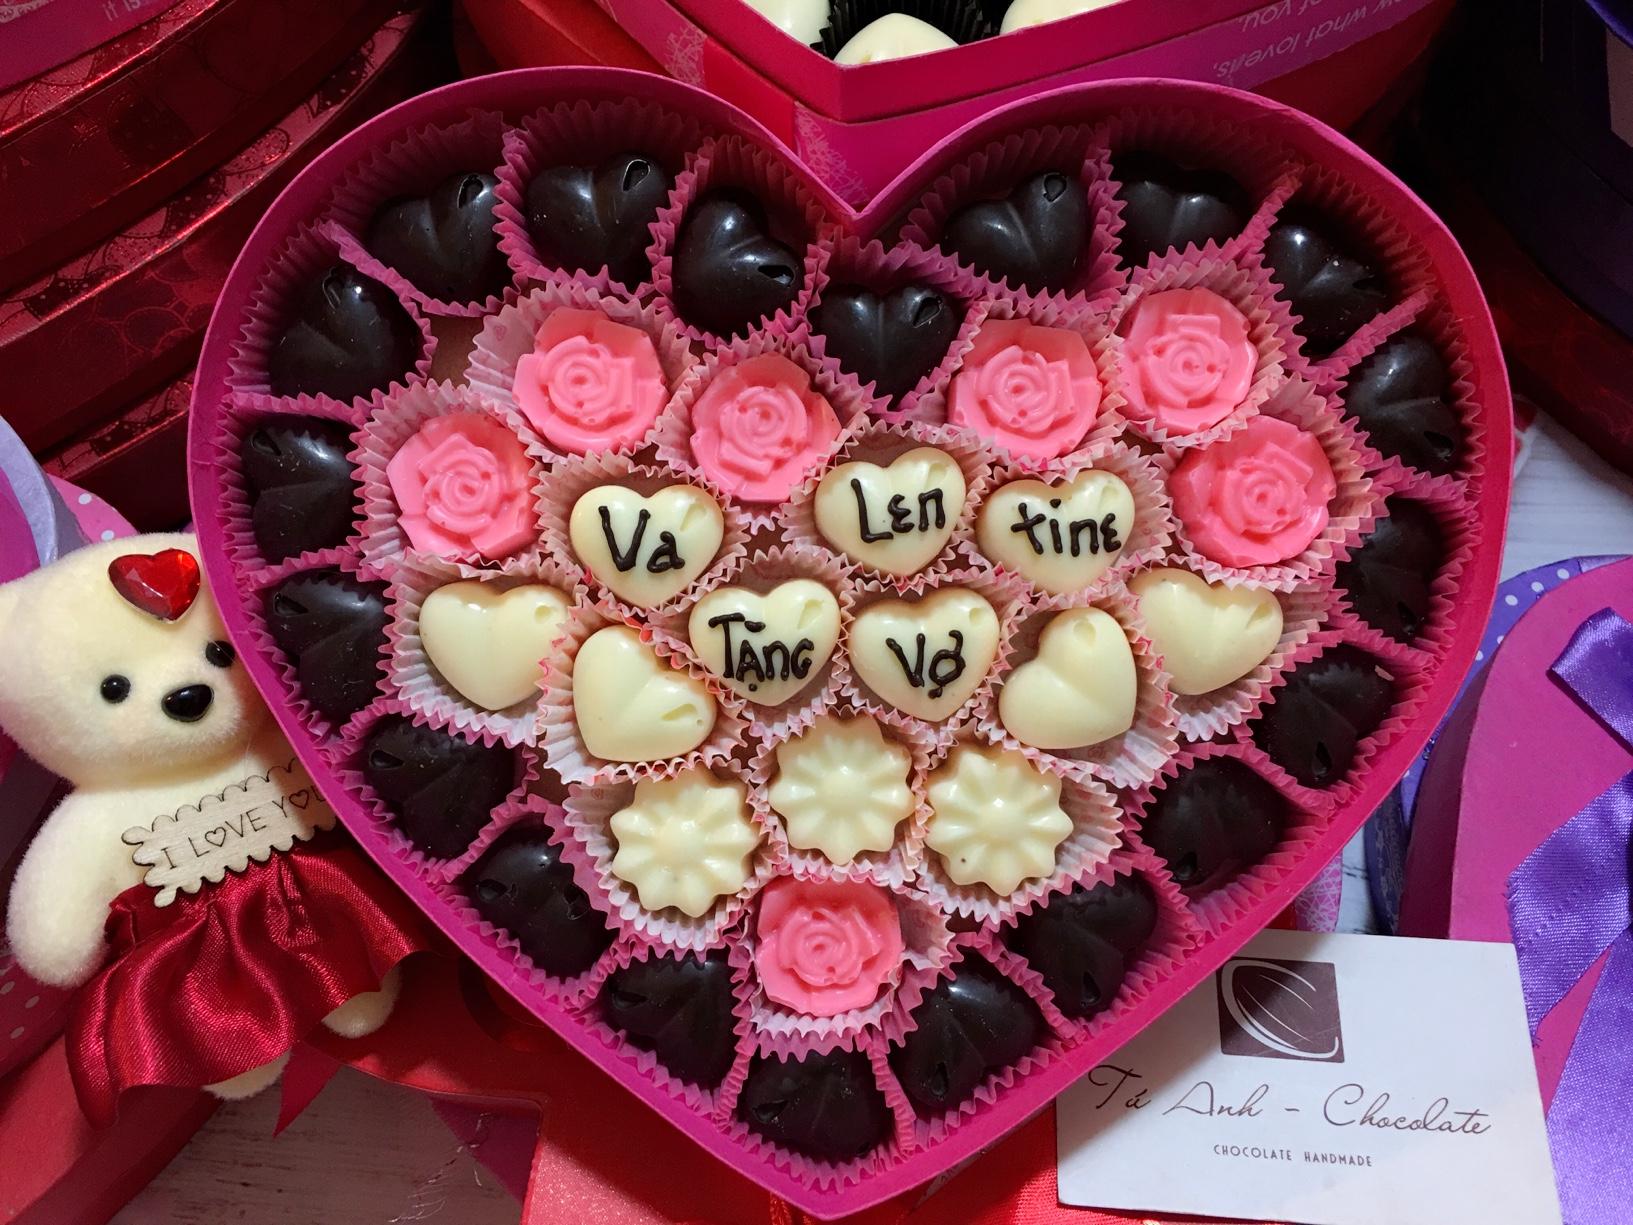 Socola valentine 2019 - Quà valentine Hà Nội